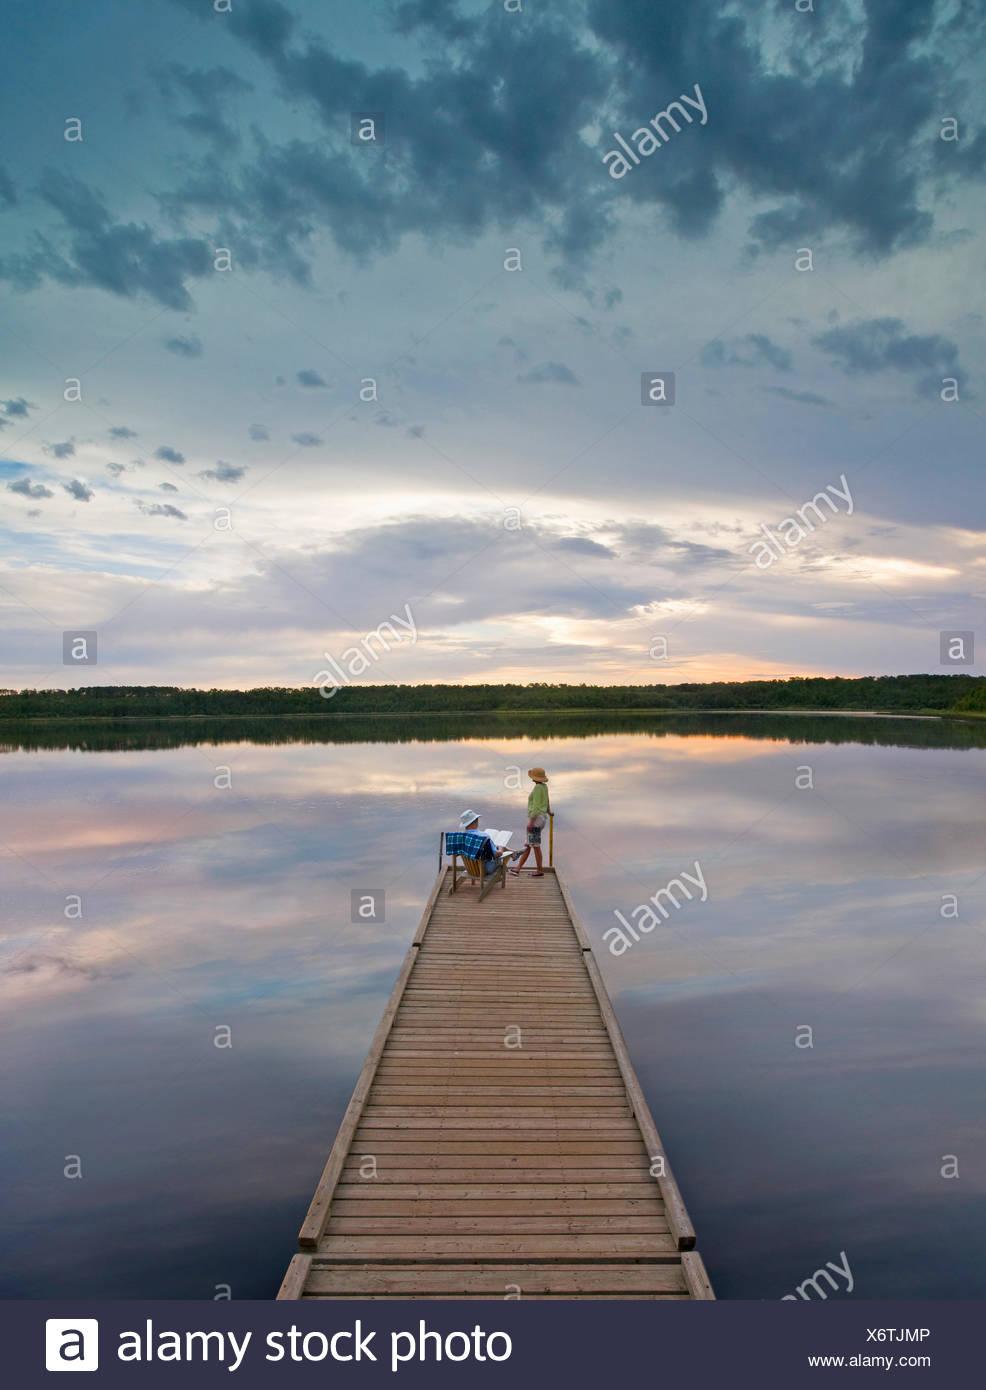 Ein paar, Mann und Frau sitzen am Ende eines langen hölzernen Docks in einen ruhigen See bei Sonnenuntergang erreichen. Stockbild